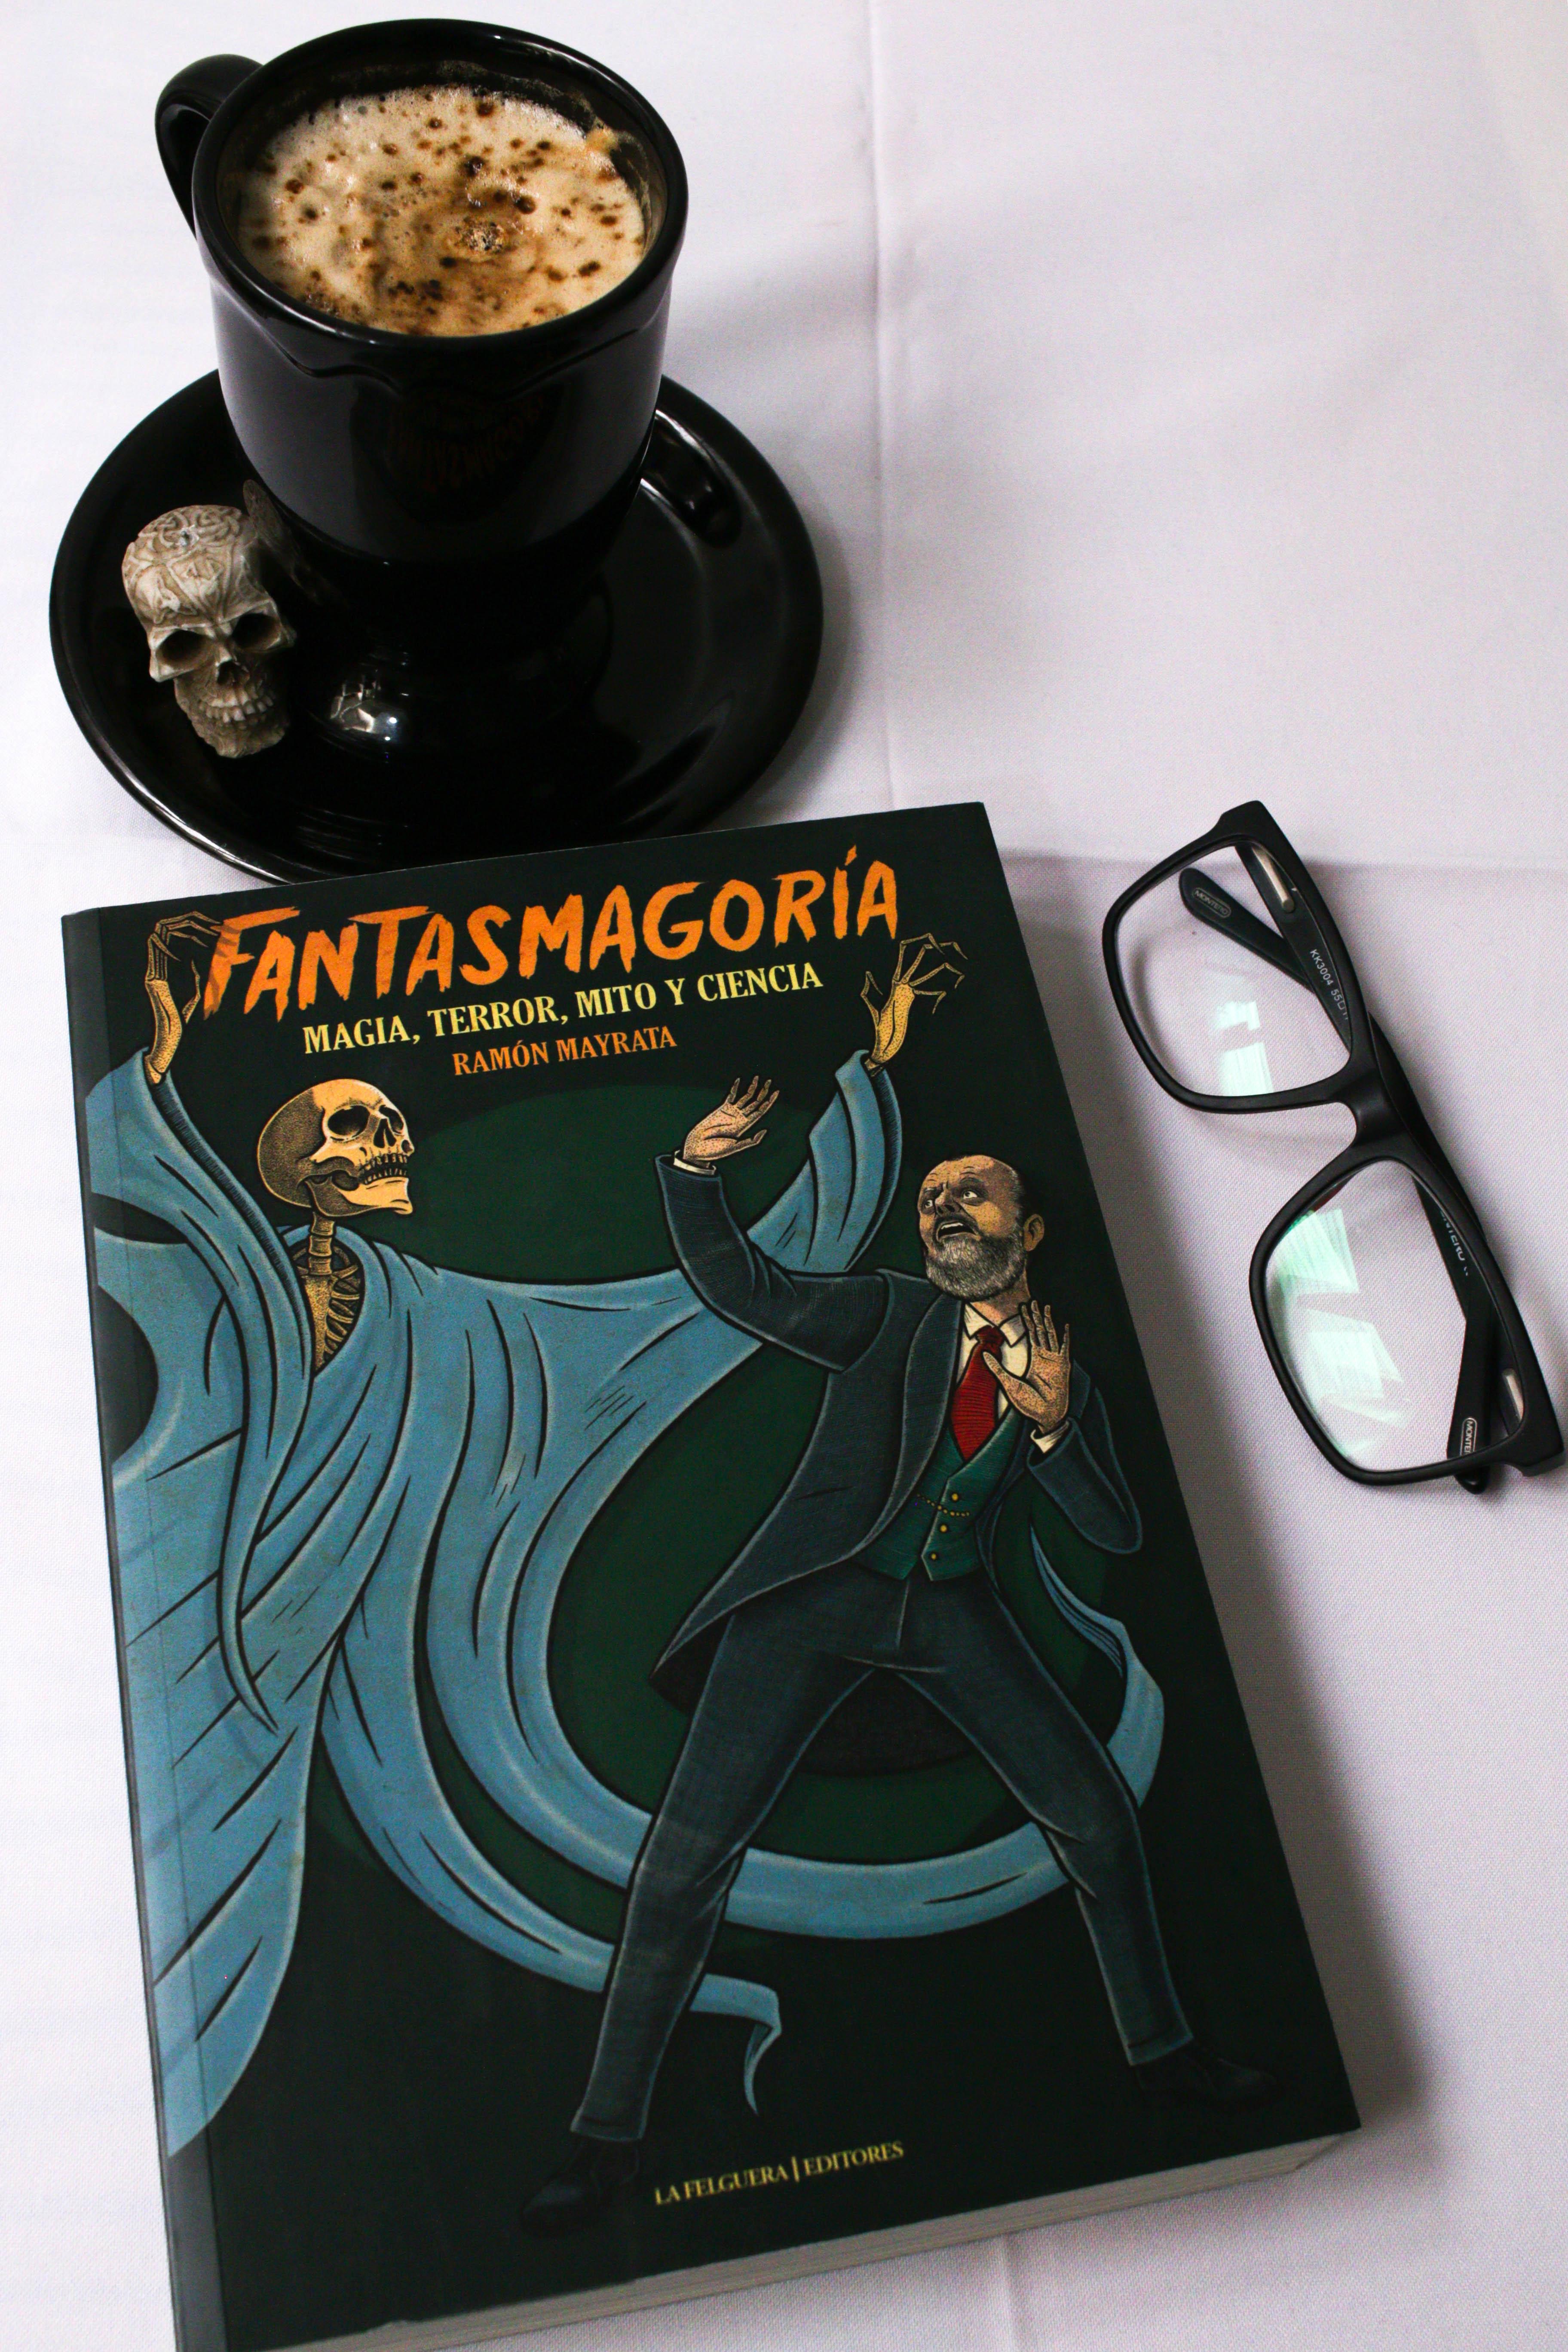 Fantasmagoria, magia, terror, mito y ciencia